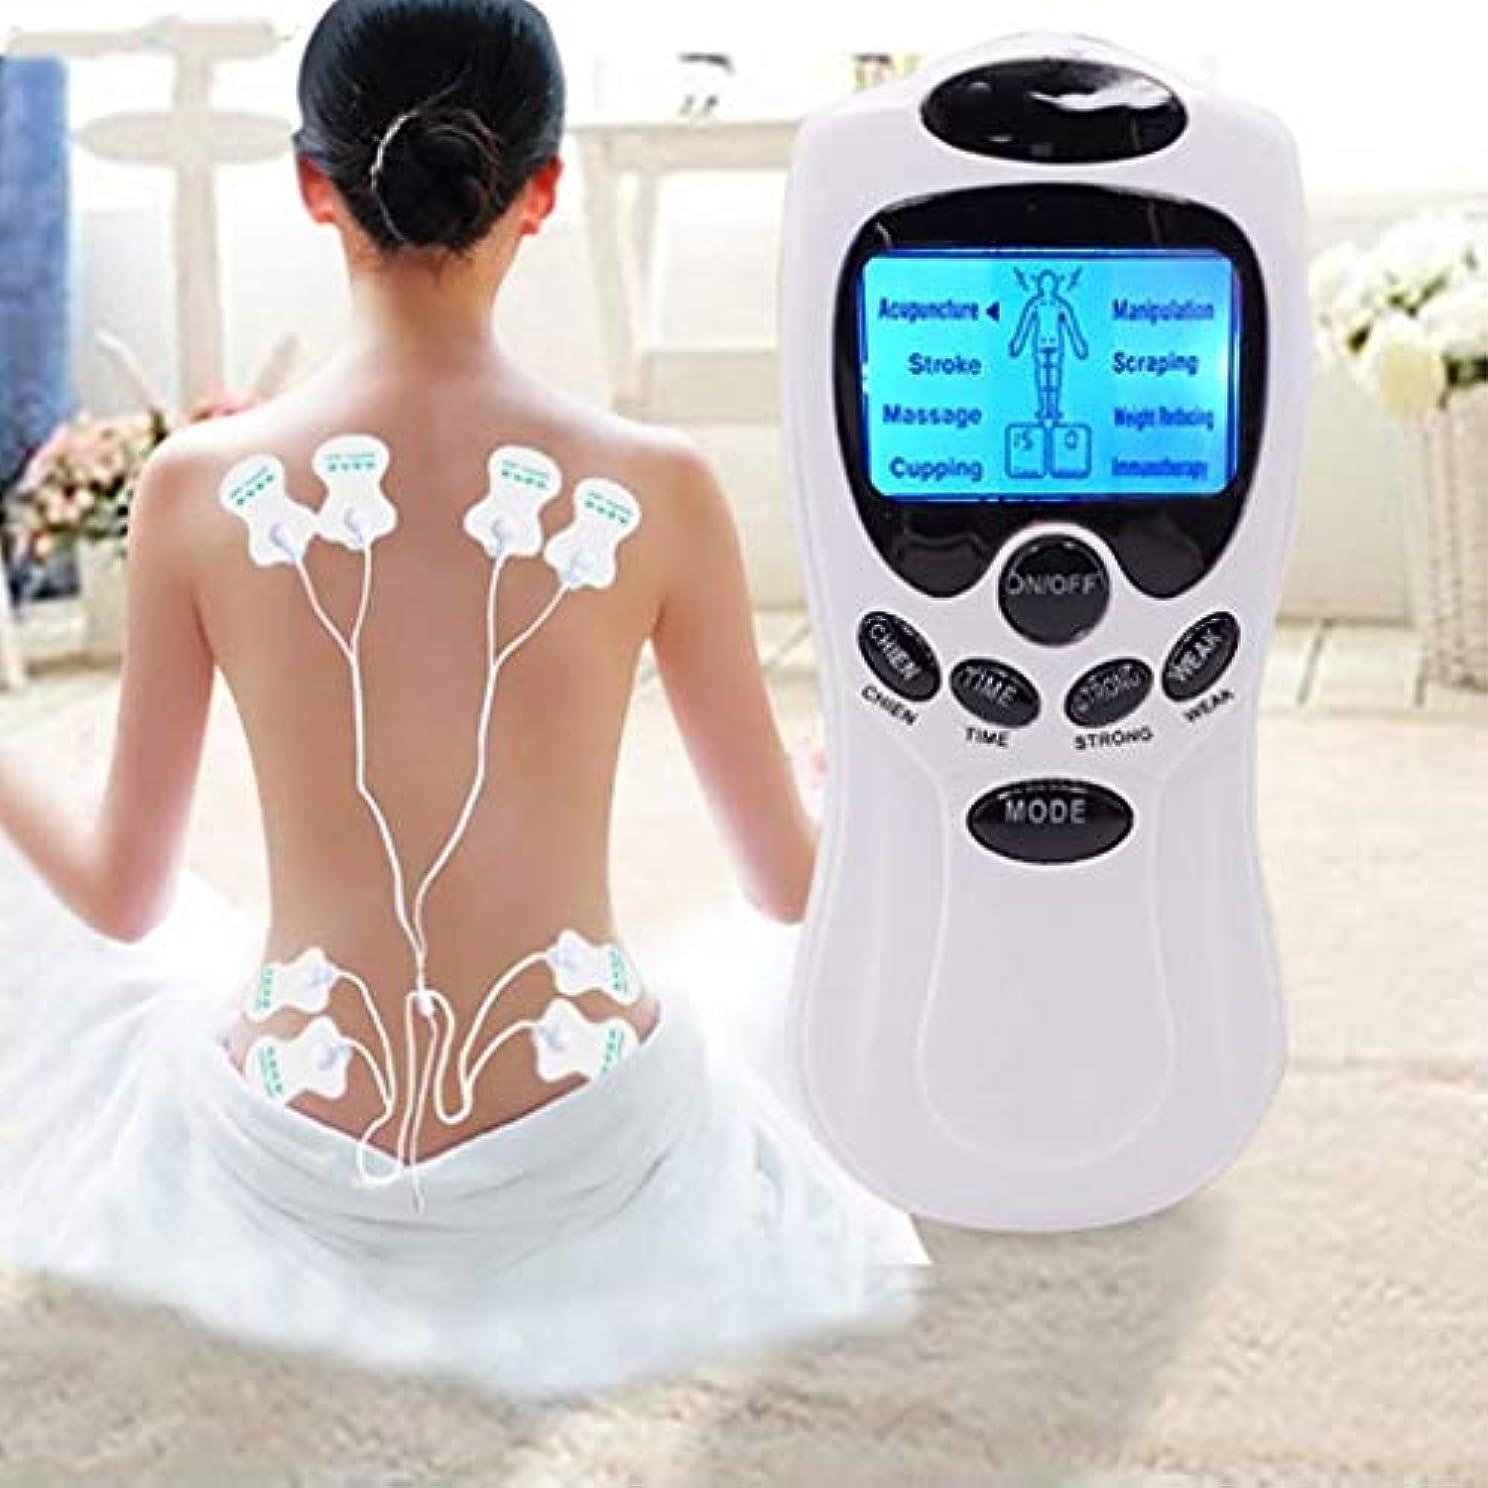 減衰アクセス便宜マッサージ器、多機能ポータブル鍼灸マッサージ器、電気理学療法機器は、メリディアン理学療法パルス、肉の痛みを和らげるためにボディの筋肉を刺激